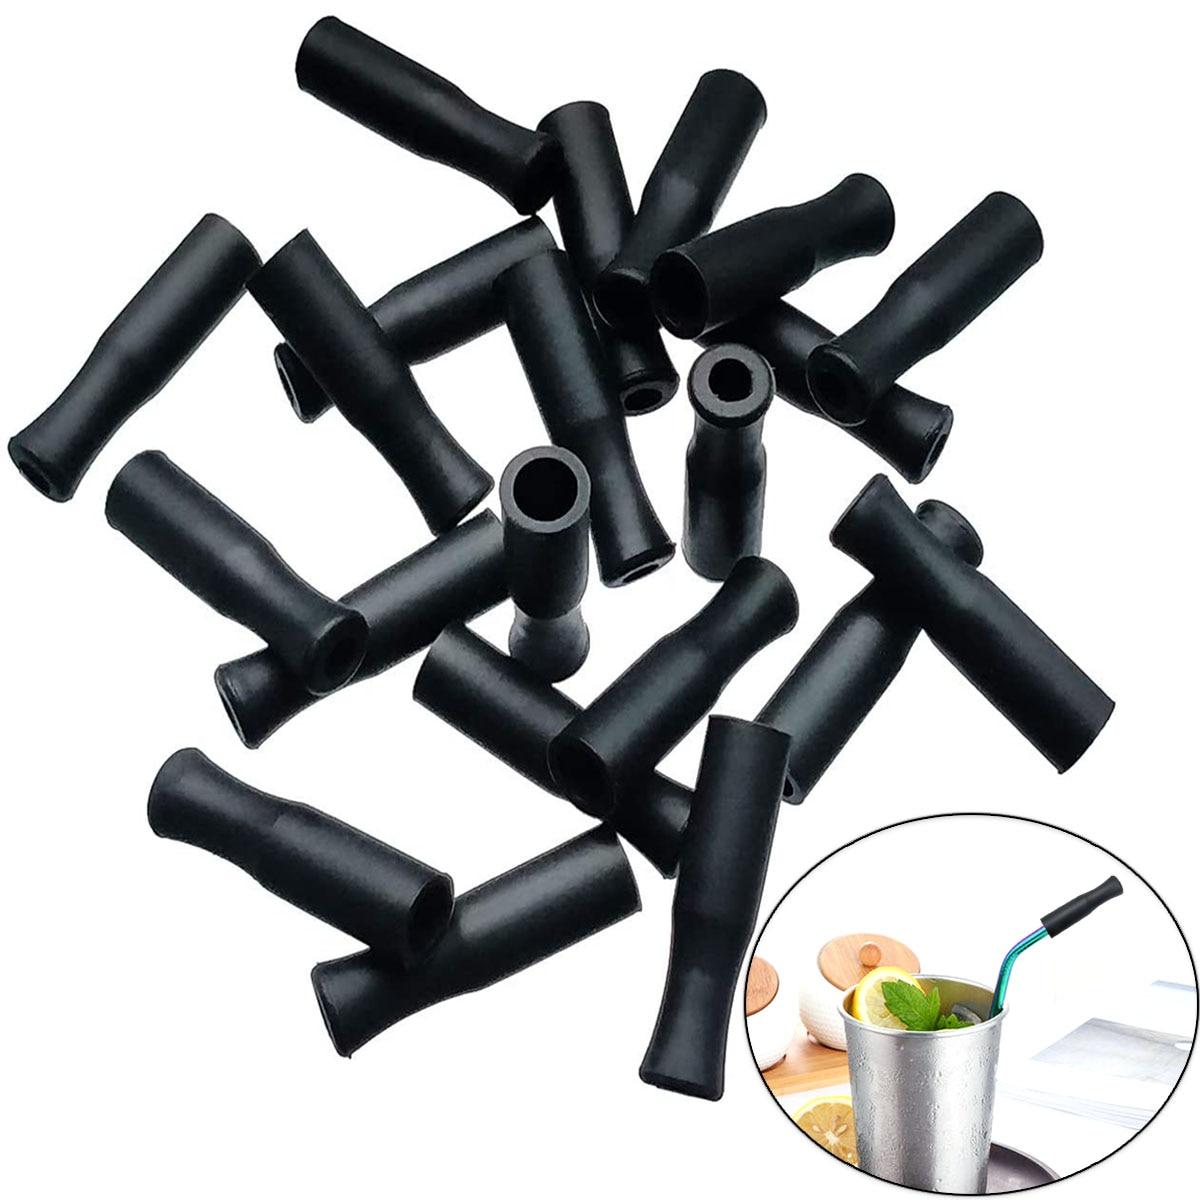 Многоразовые силиконовые наконечники для соломинки, аксессуары для соломинки из нержавеющей стали, наконечники для соломинок, подходят дл...